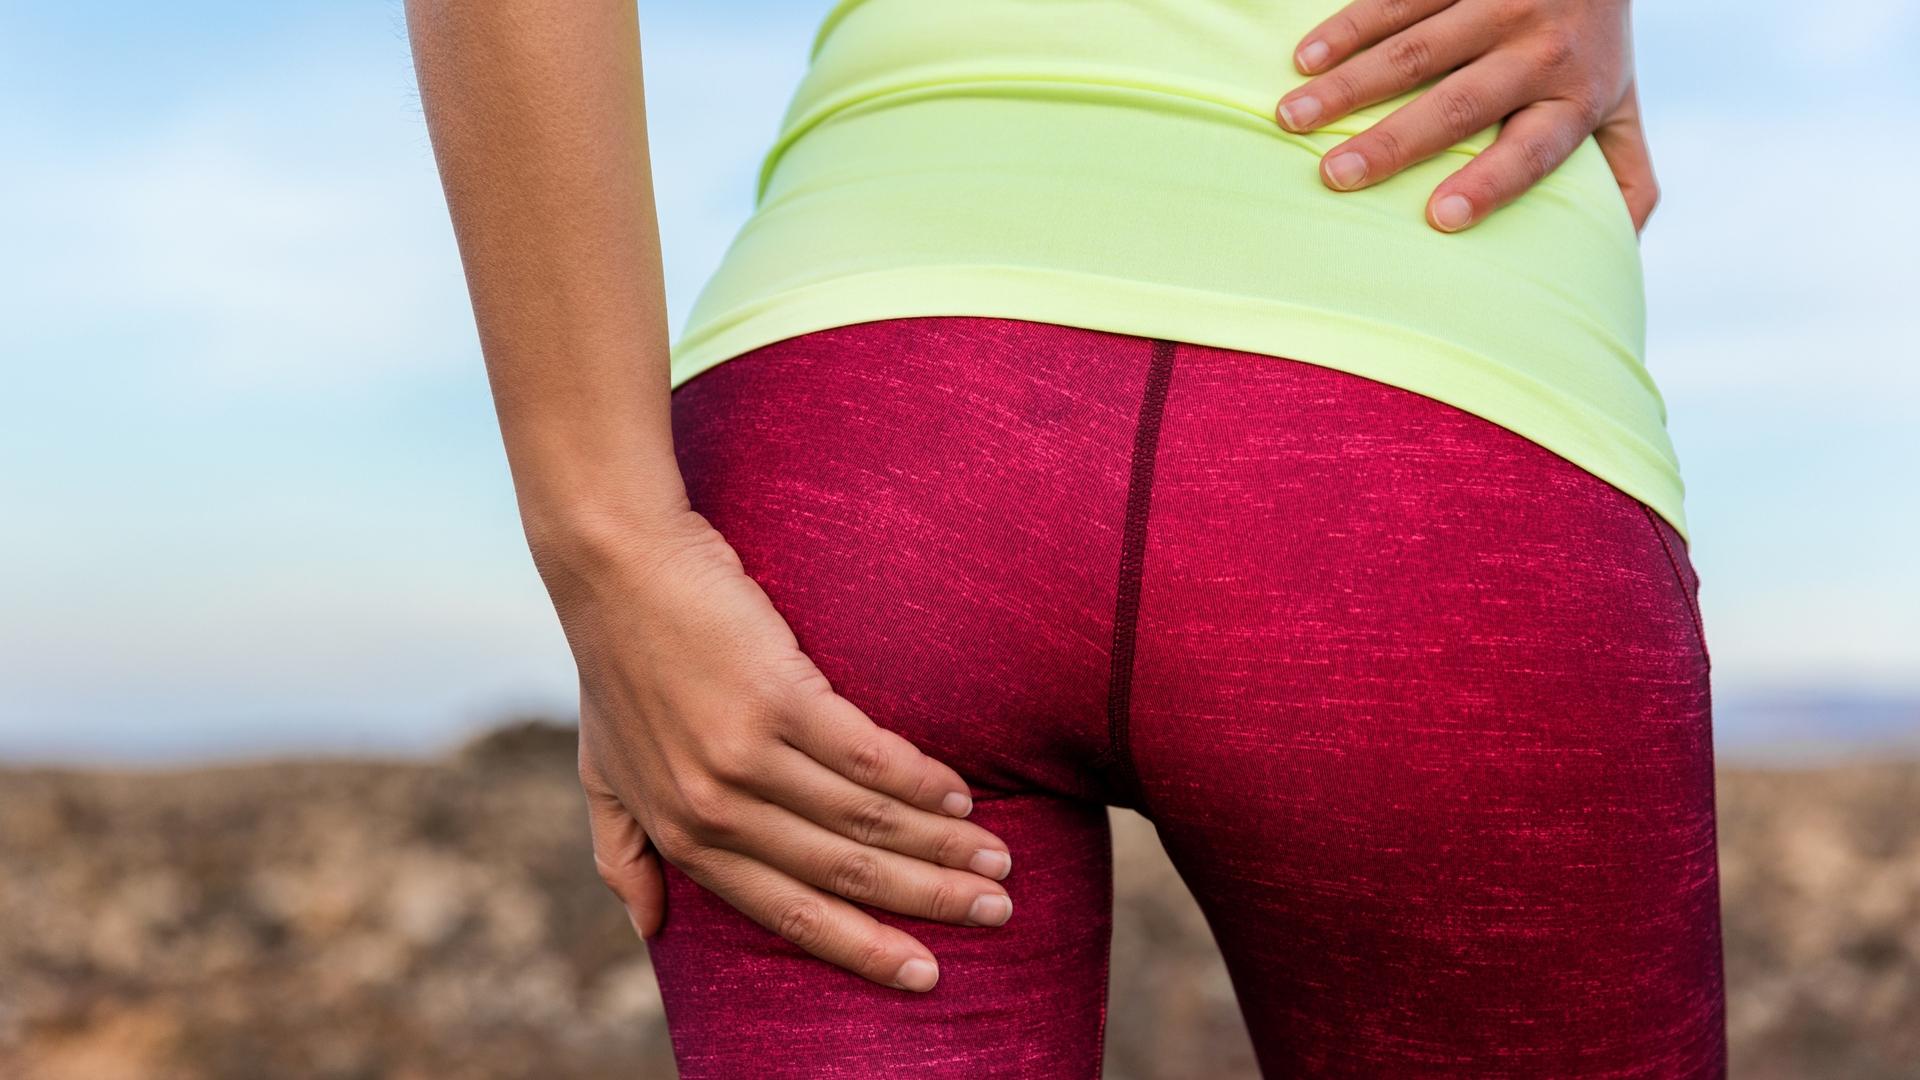 Piriformis-syndrooma – pakaran ja takareiden tylppä kipu